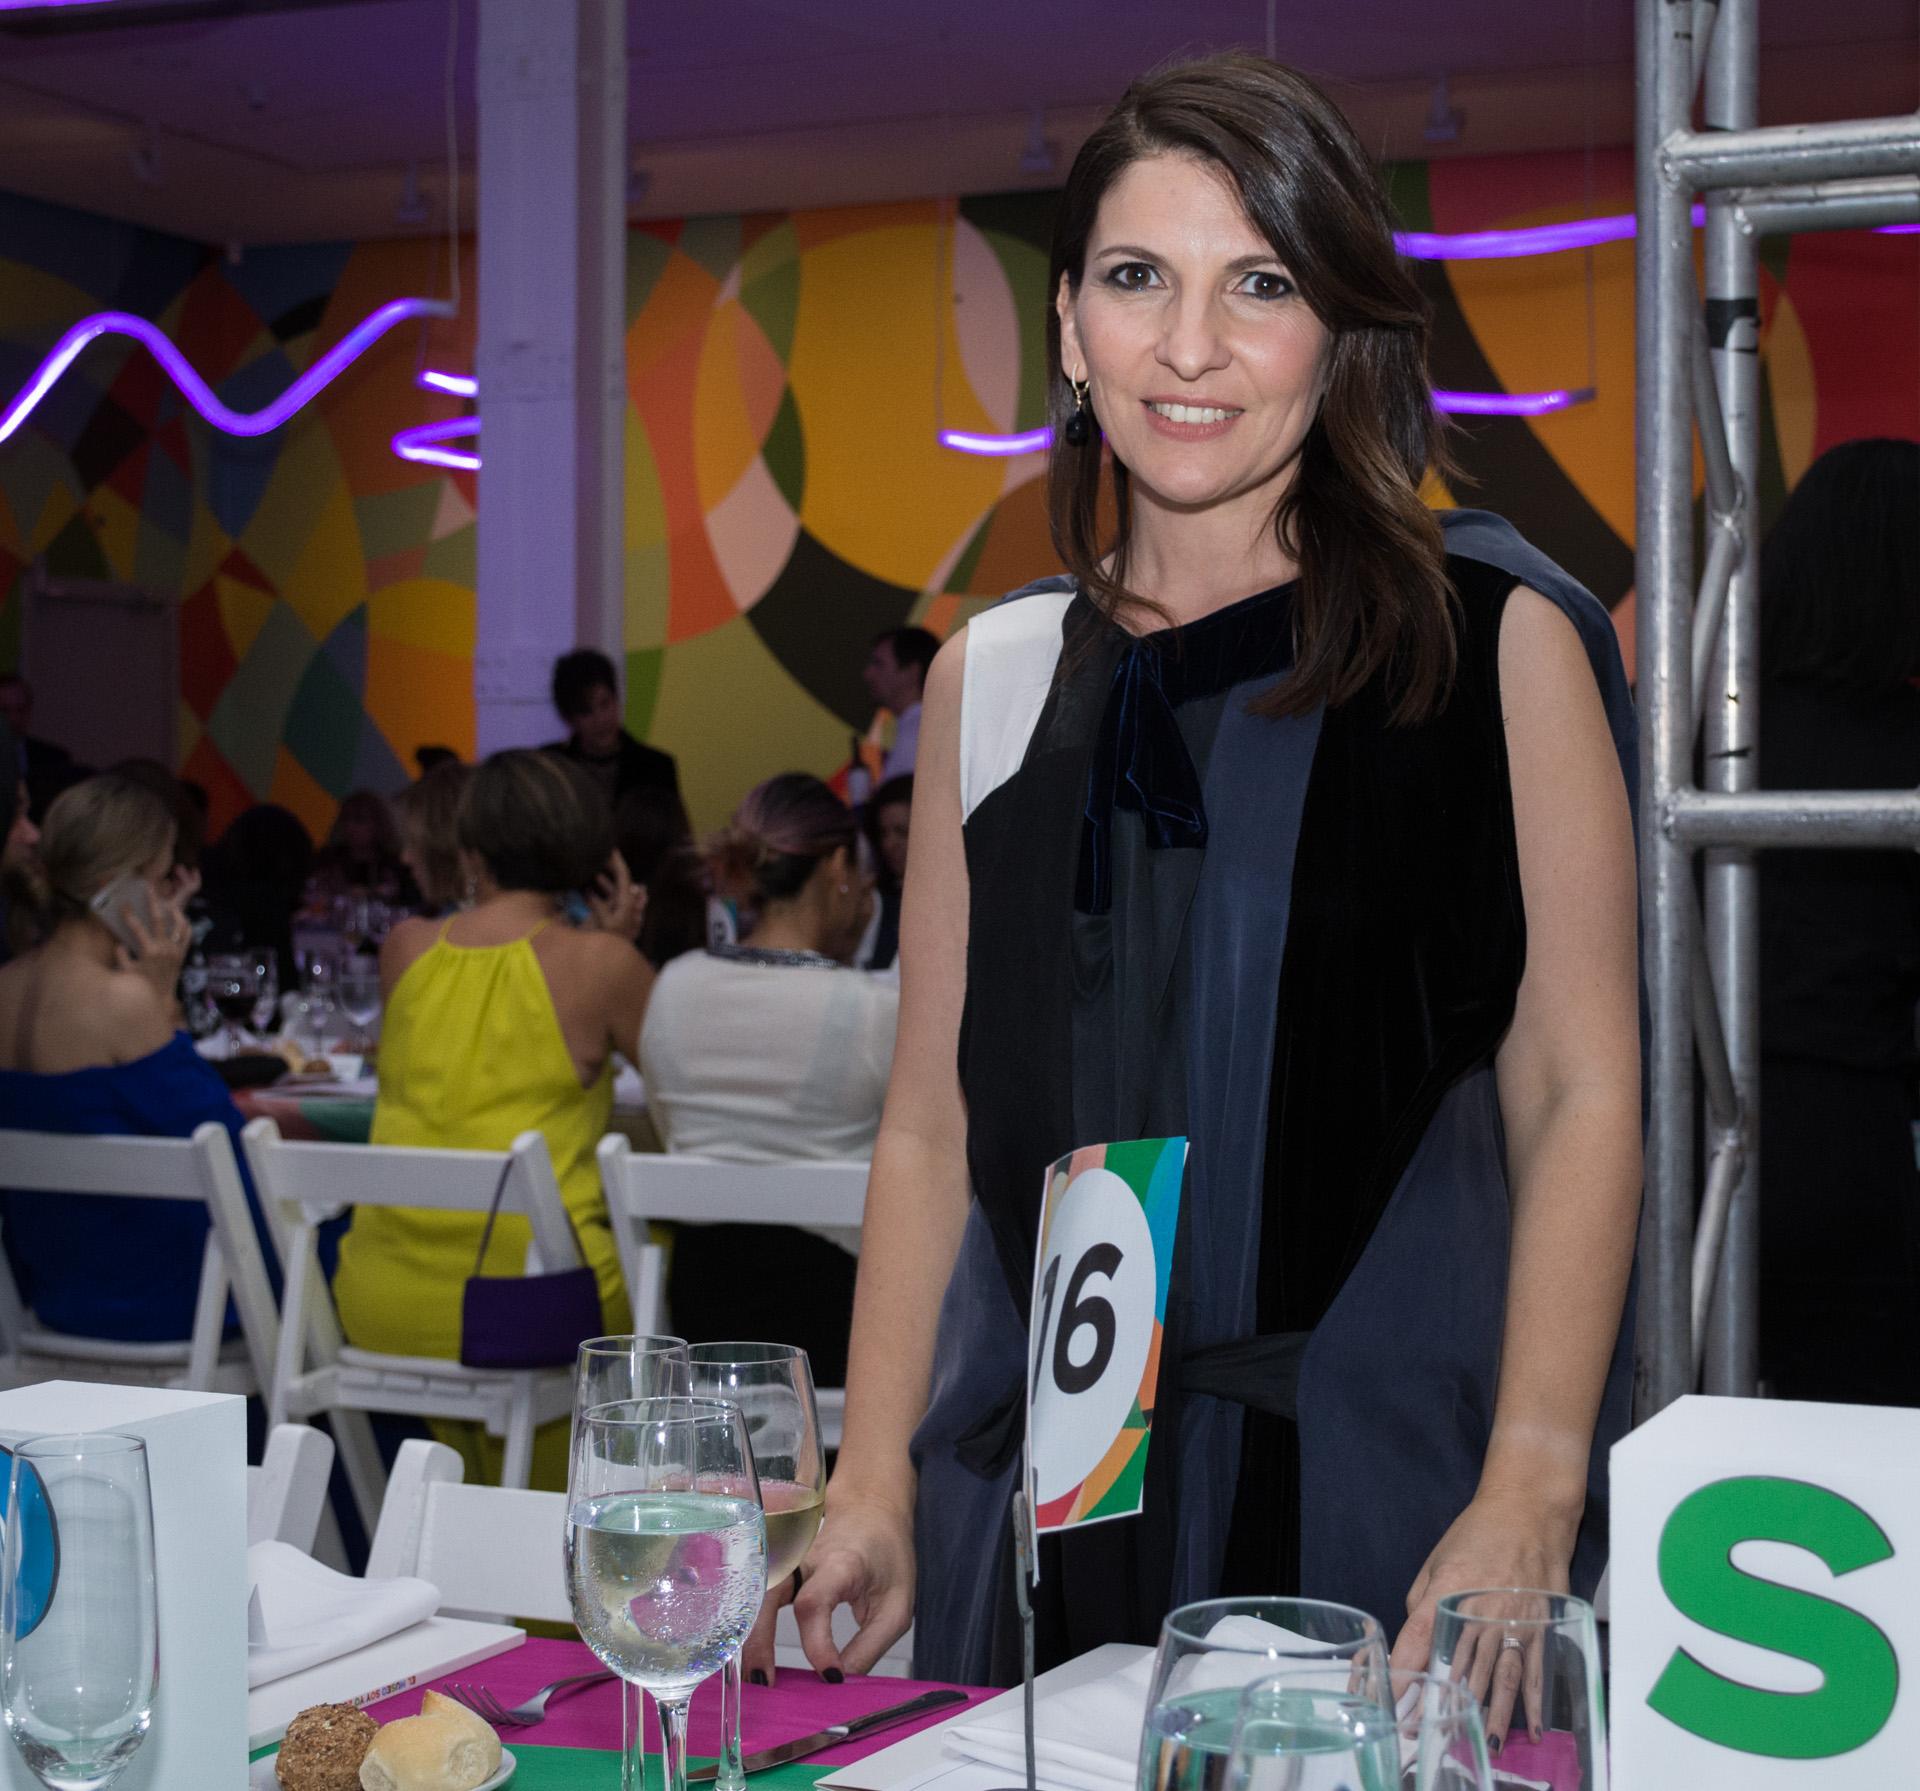 Larisa Andreani, presidente de la Asociación Amigos del Moderno, cuyo objetivo es contribuir al desarrollo y la consolidación del Museo de Arte Moderno de Buenos Aires, apoyando su crecimiento, colaborando con la conservación de obras y ayudando a difundir el patrimonio y las exposiciones temporarias